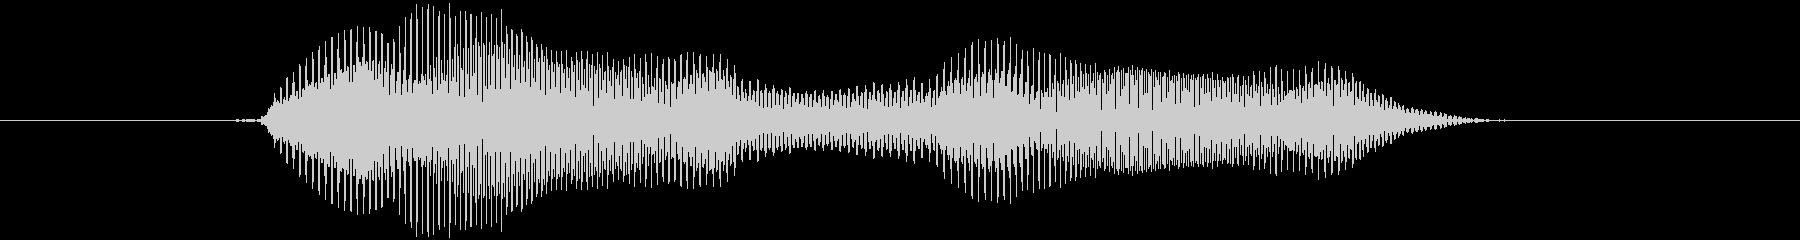 「ノー・ノー!」の未再生の波形